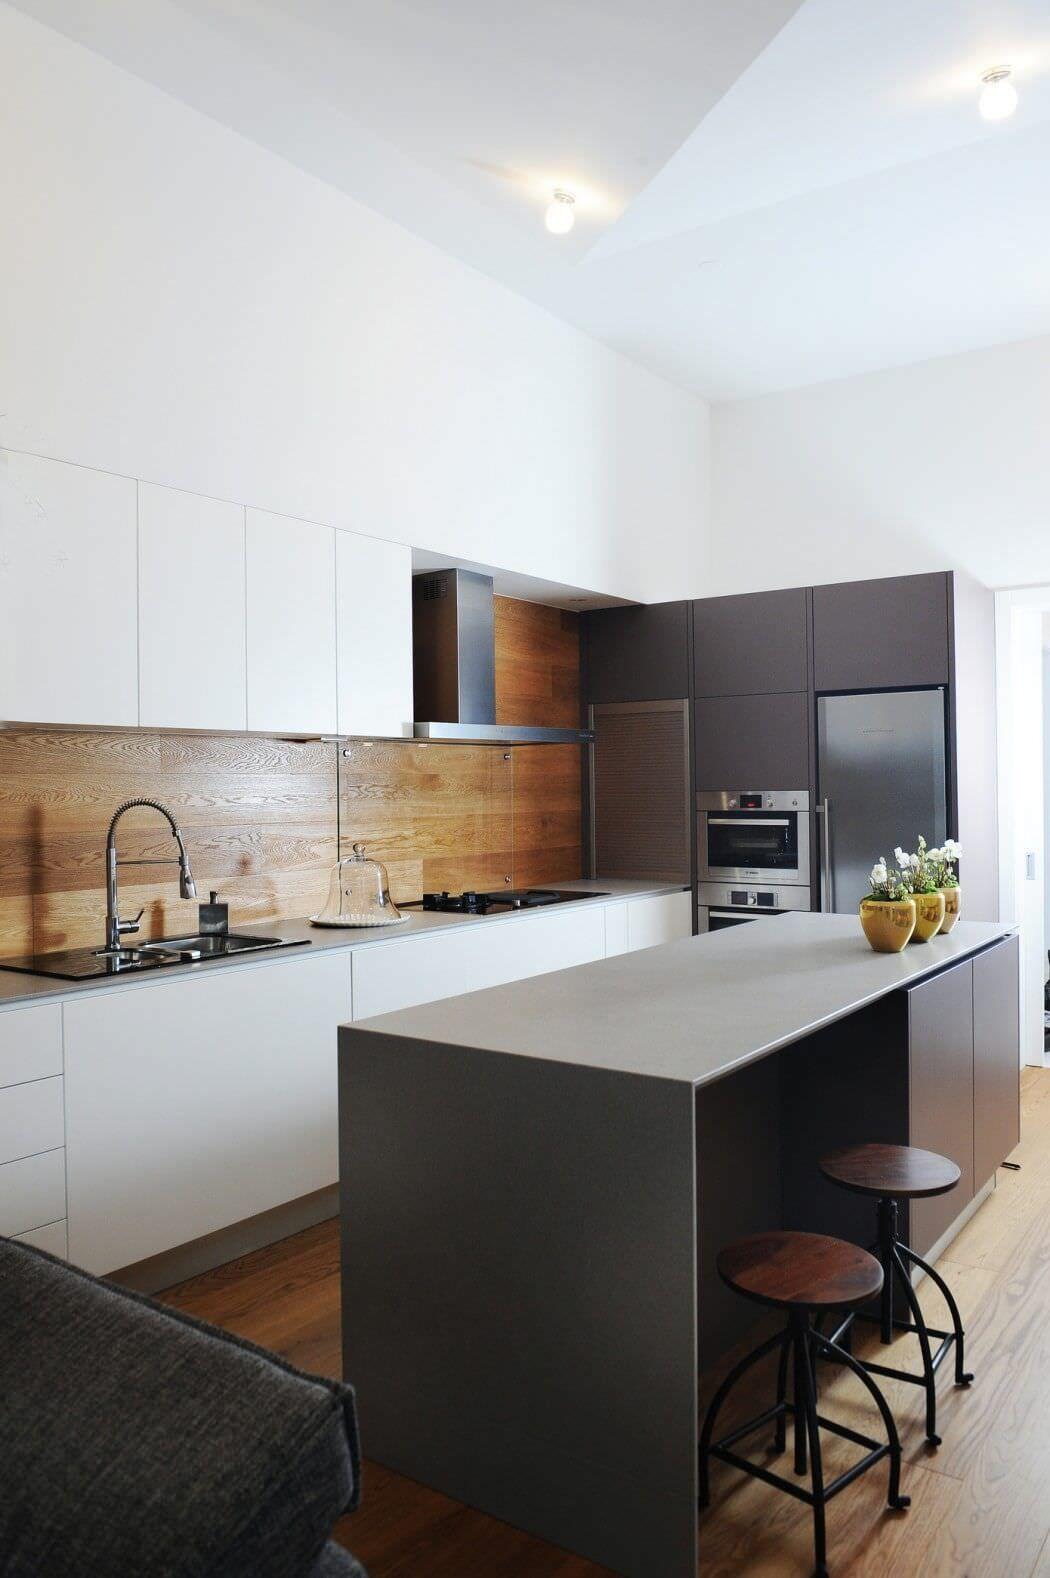 Cucine A Muro Moderne.100 Idee Cucine Con Isola Moderne E Funzionali Kuchyn